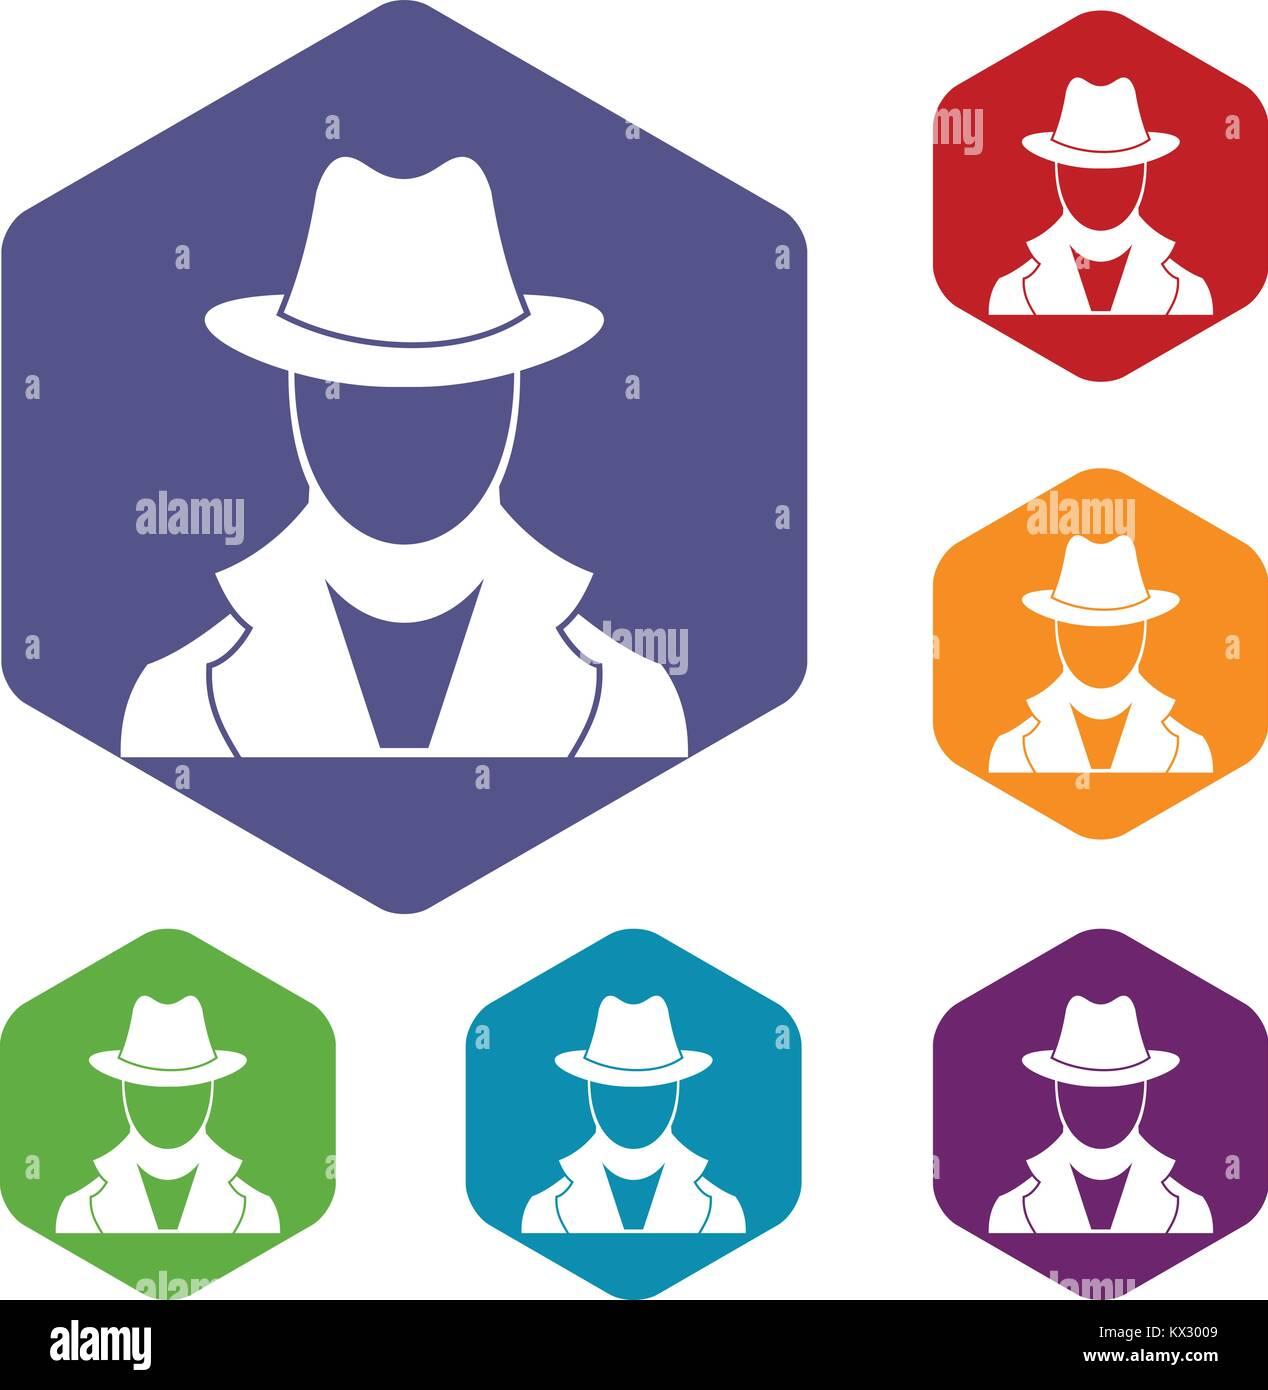 Spy icons set - Stock Vector